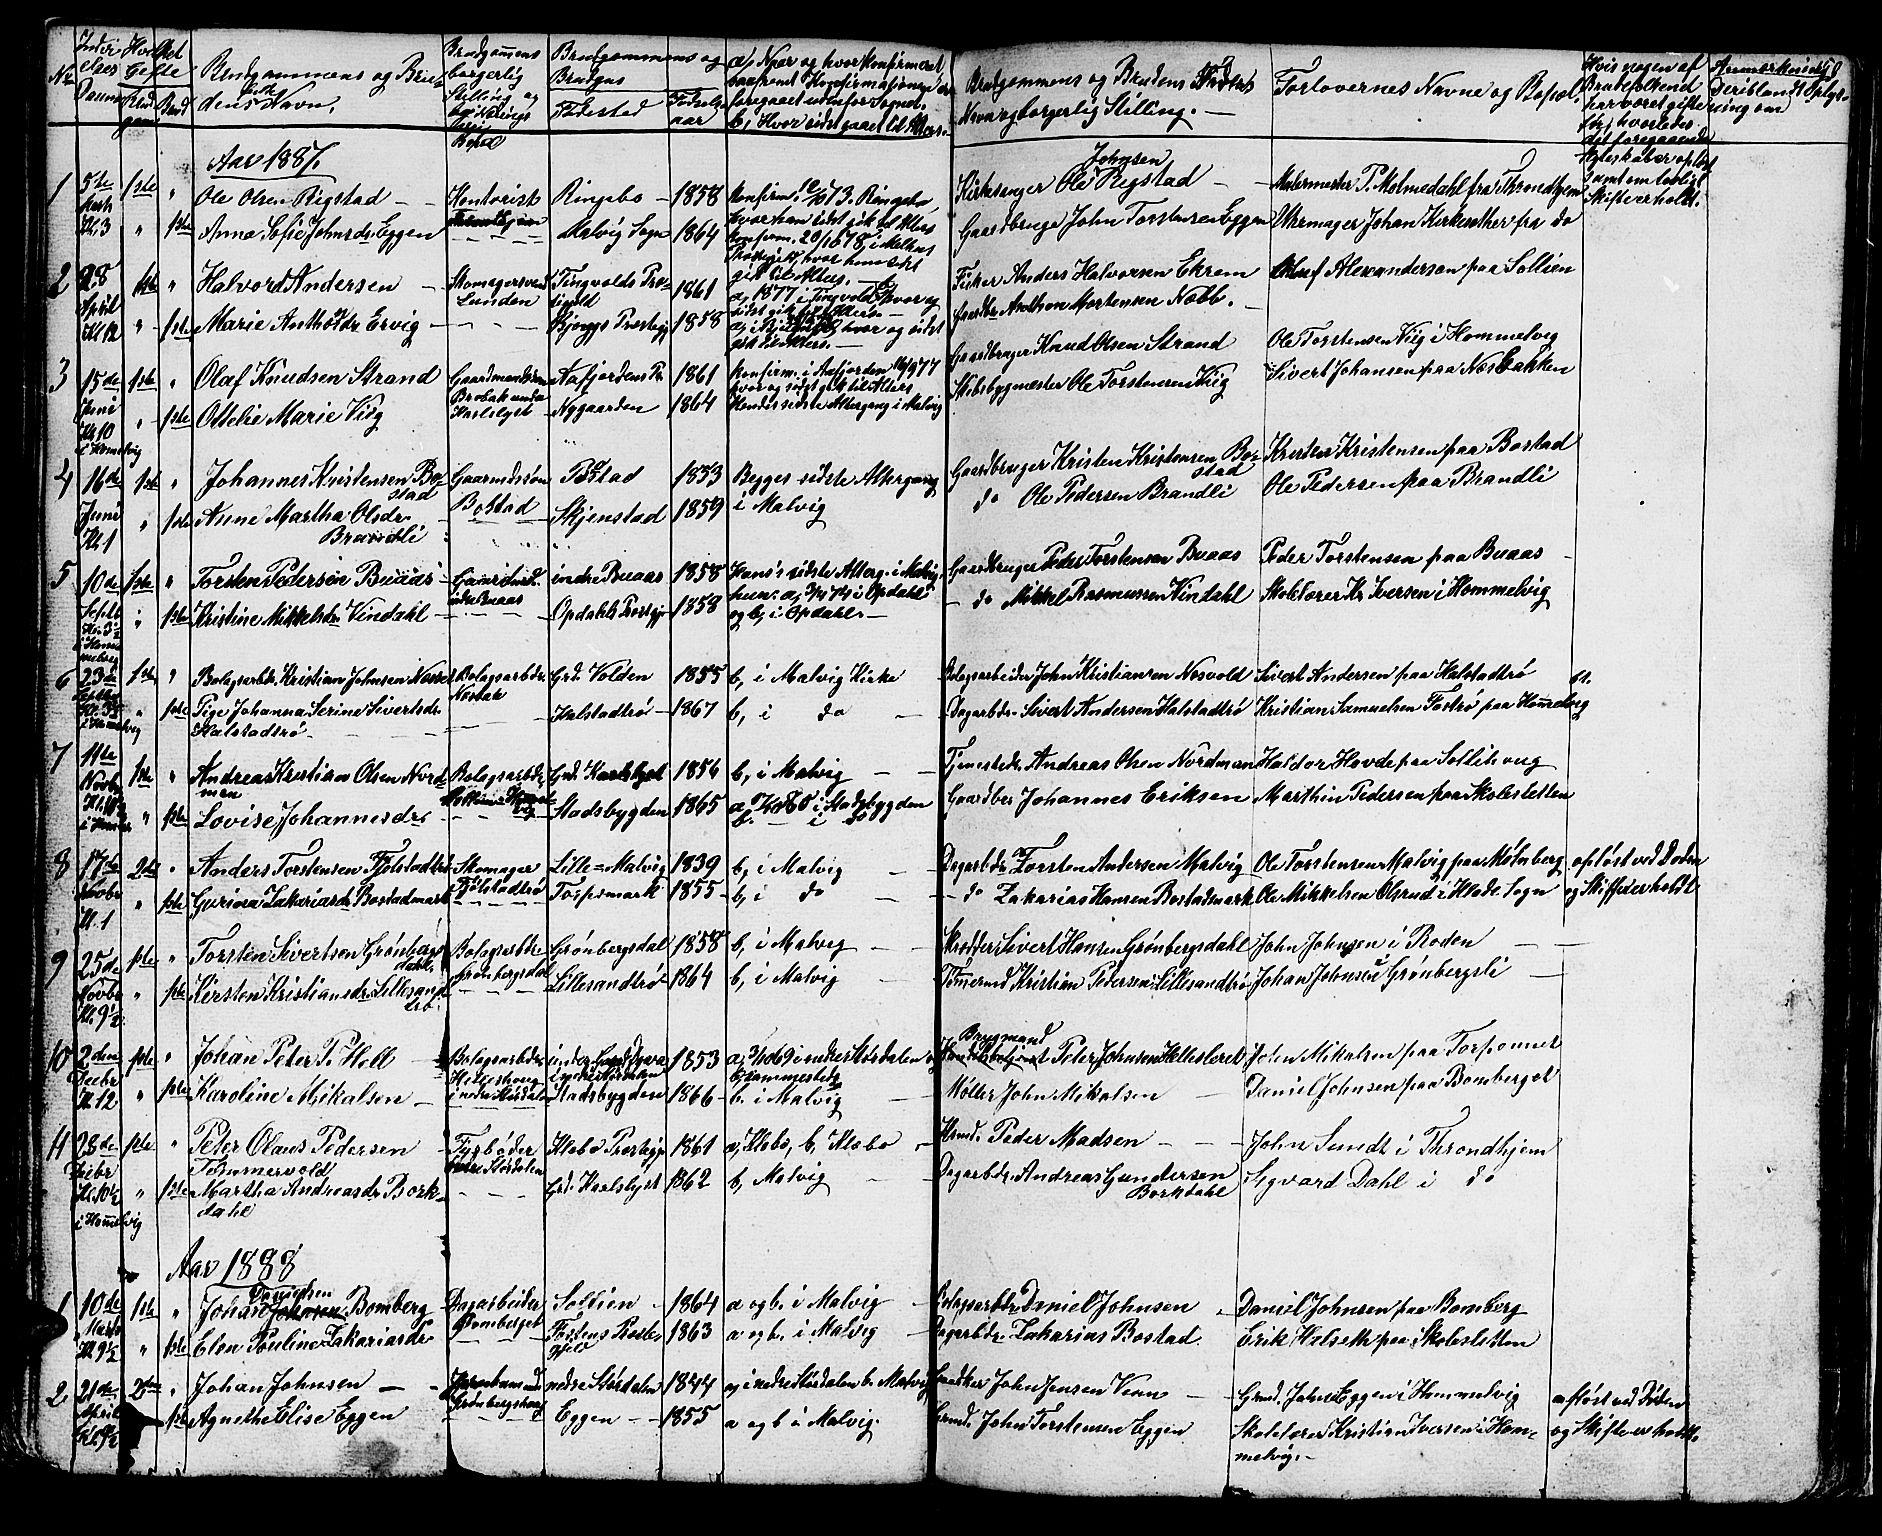 SAT, Ministerialprotokoller, klokkerbøker og fødselsregistre - Sør-Trøndelag, 616/L0422: Klokkerbok nr. 616C05, 1850-1888, s. 150